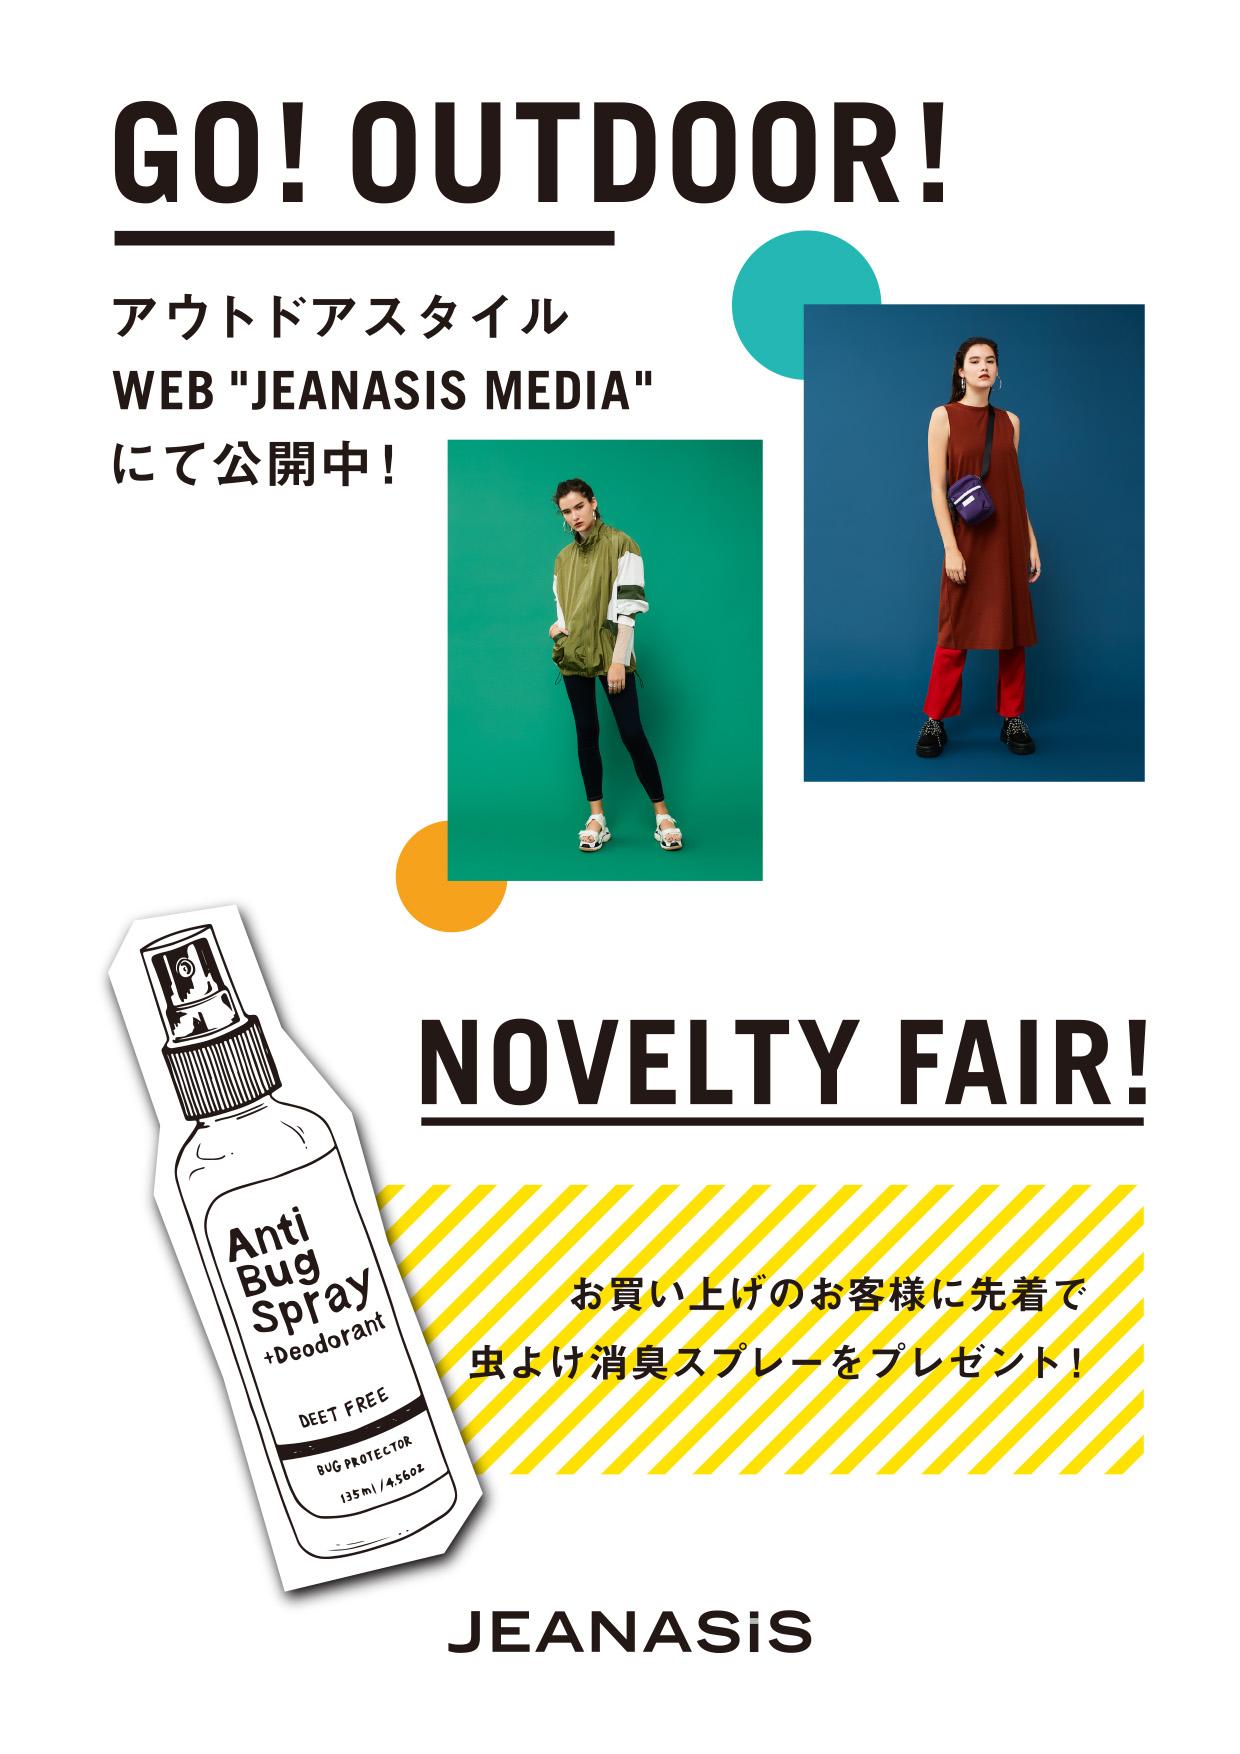 ◆8月3日 - 無料配布◆ Anti Bug Sprayをお試しいただくチャンス!